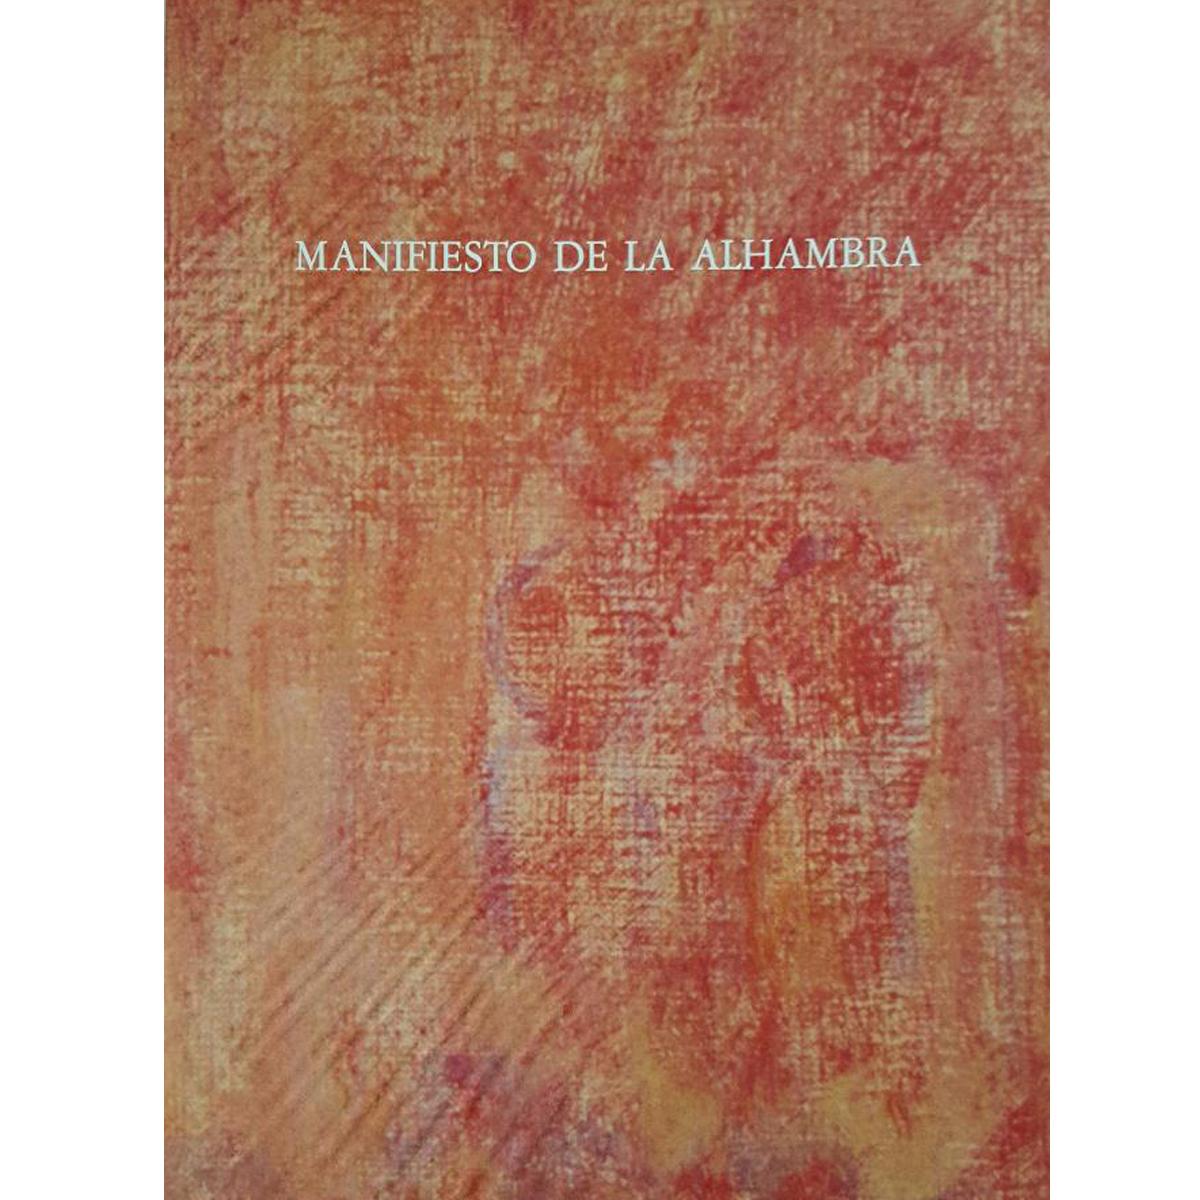 Manifiesto de la Alhambra